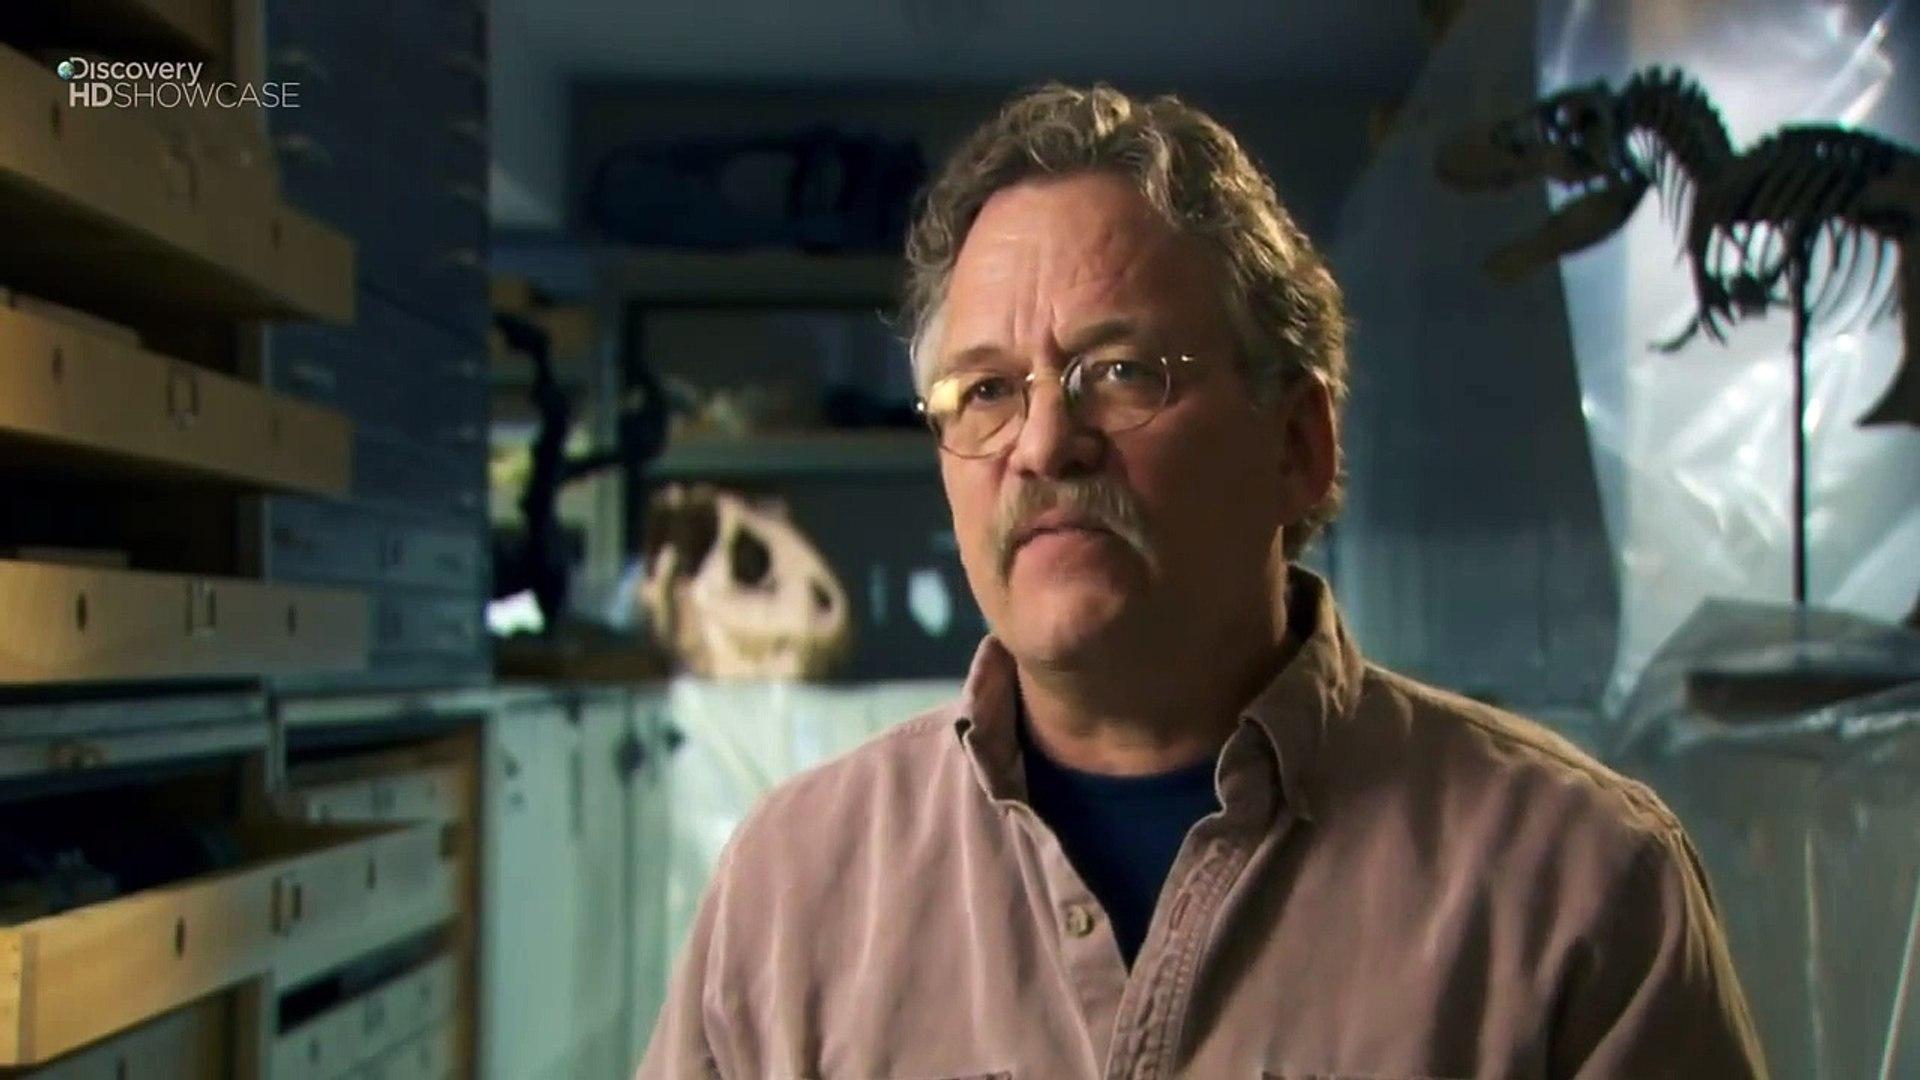 Dinosaurs Documentaries 2015 - New Generations KILLER GIANTS - BBC Documentary Films Full Lengths